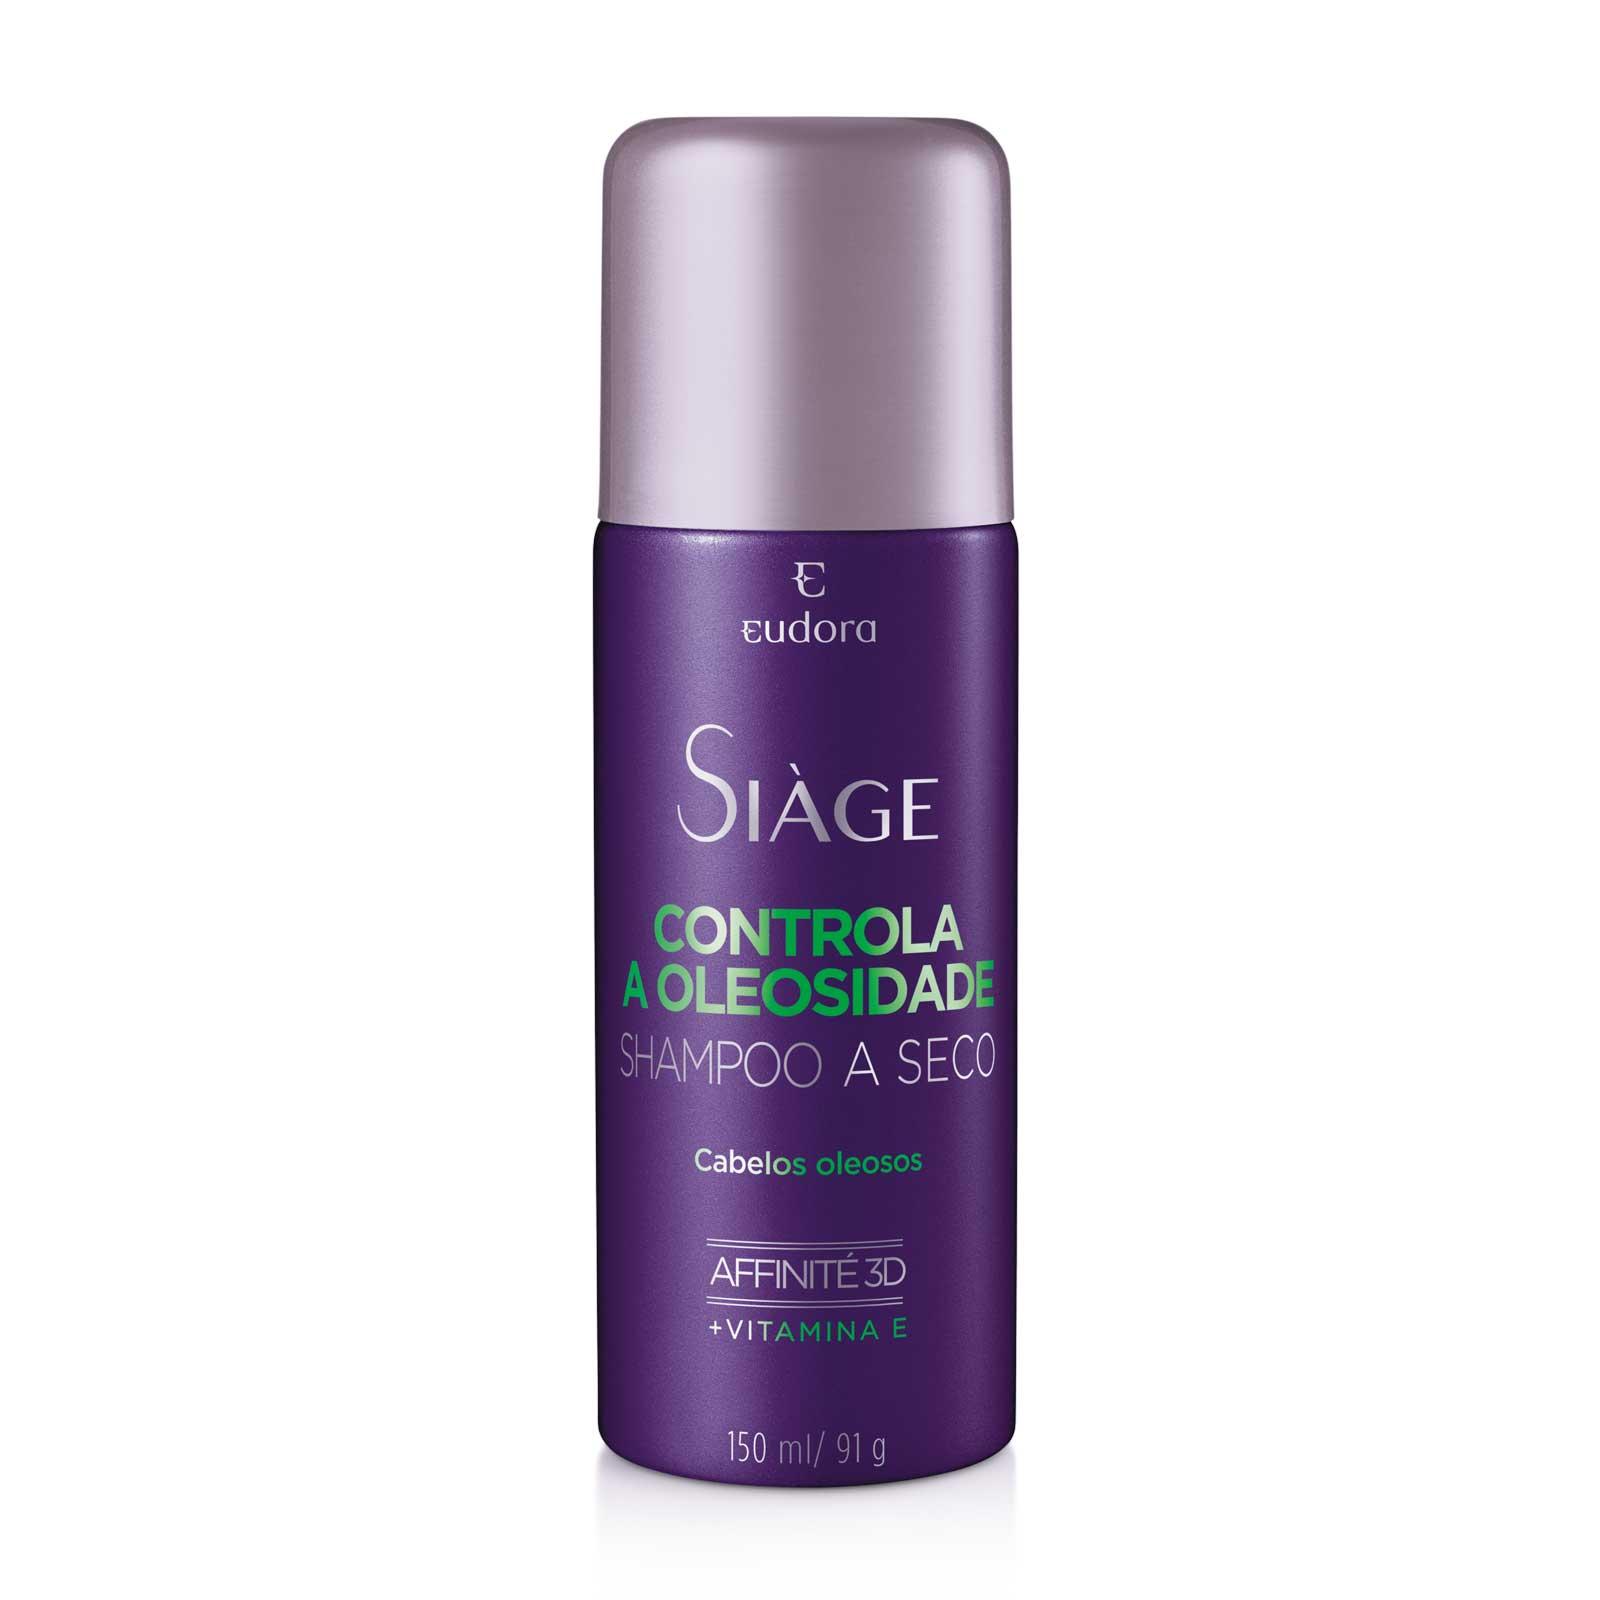 siage-shampoo-a seco.jpg